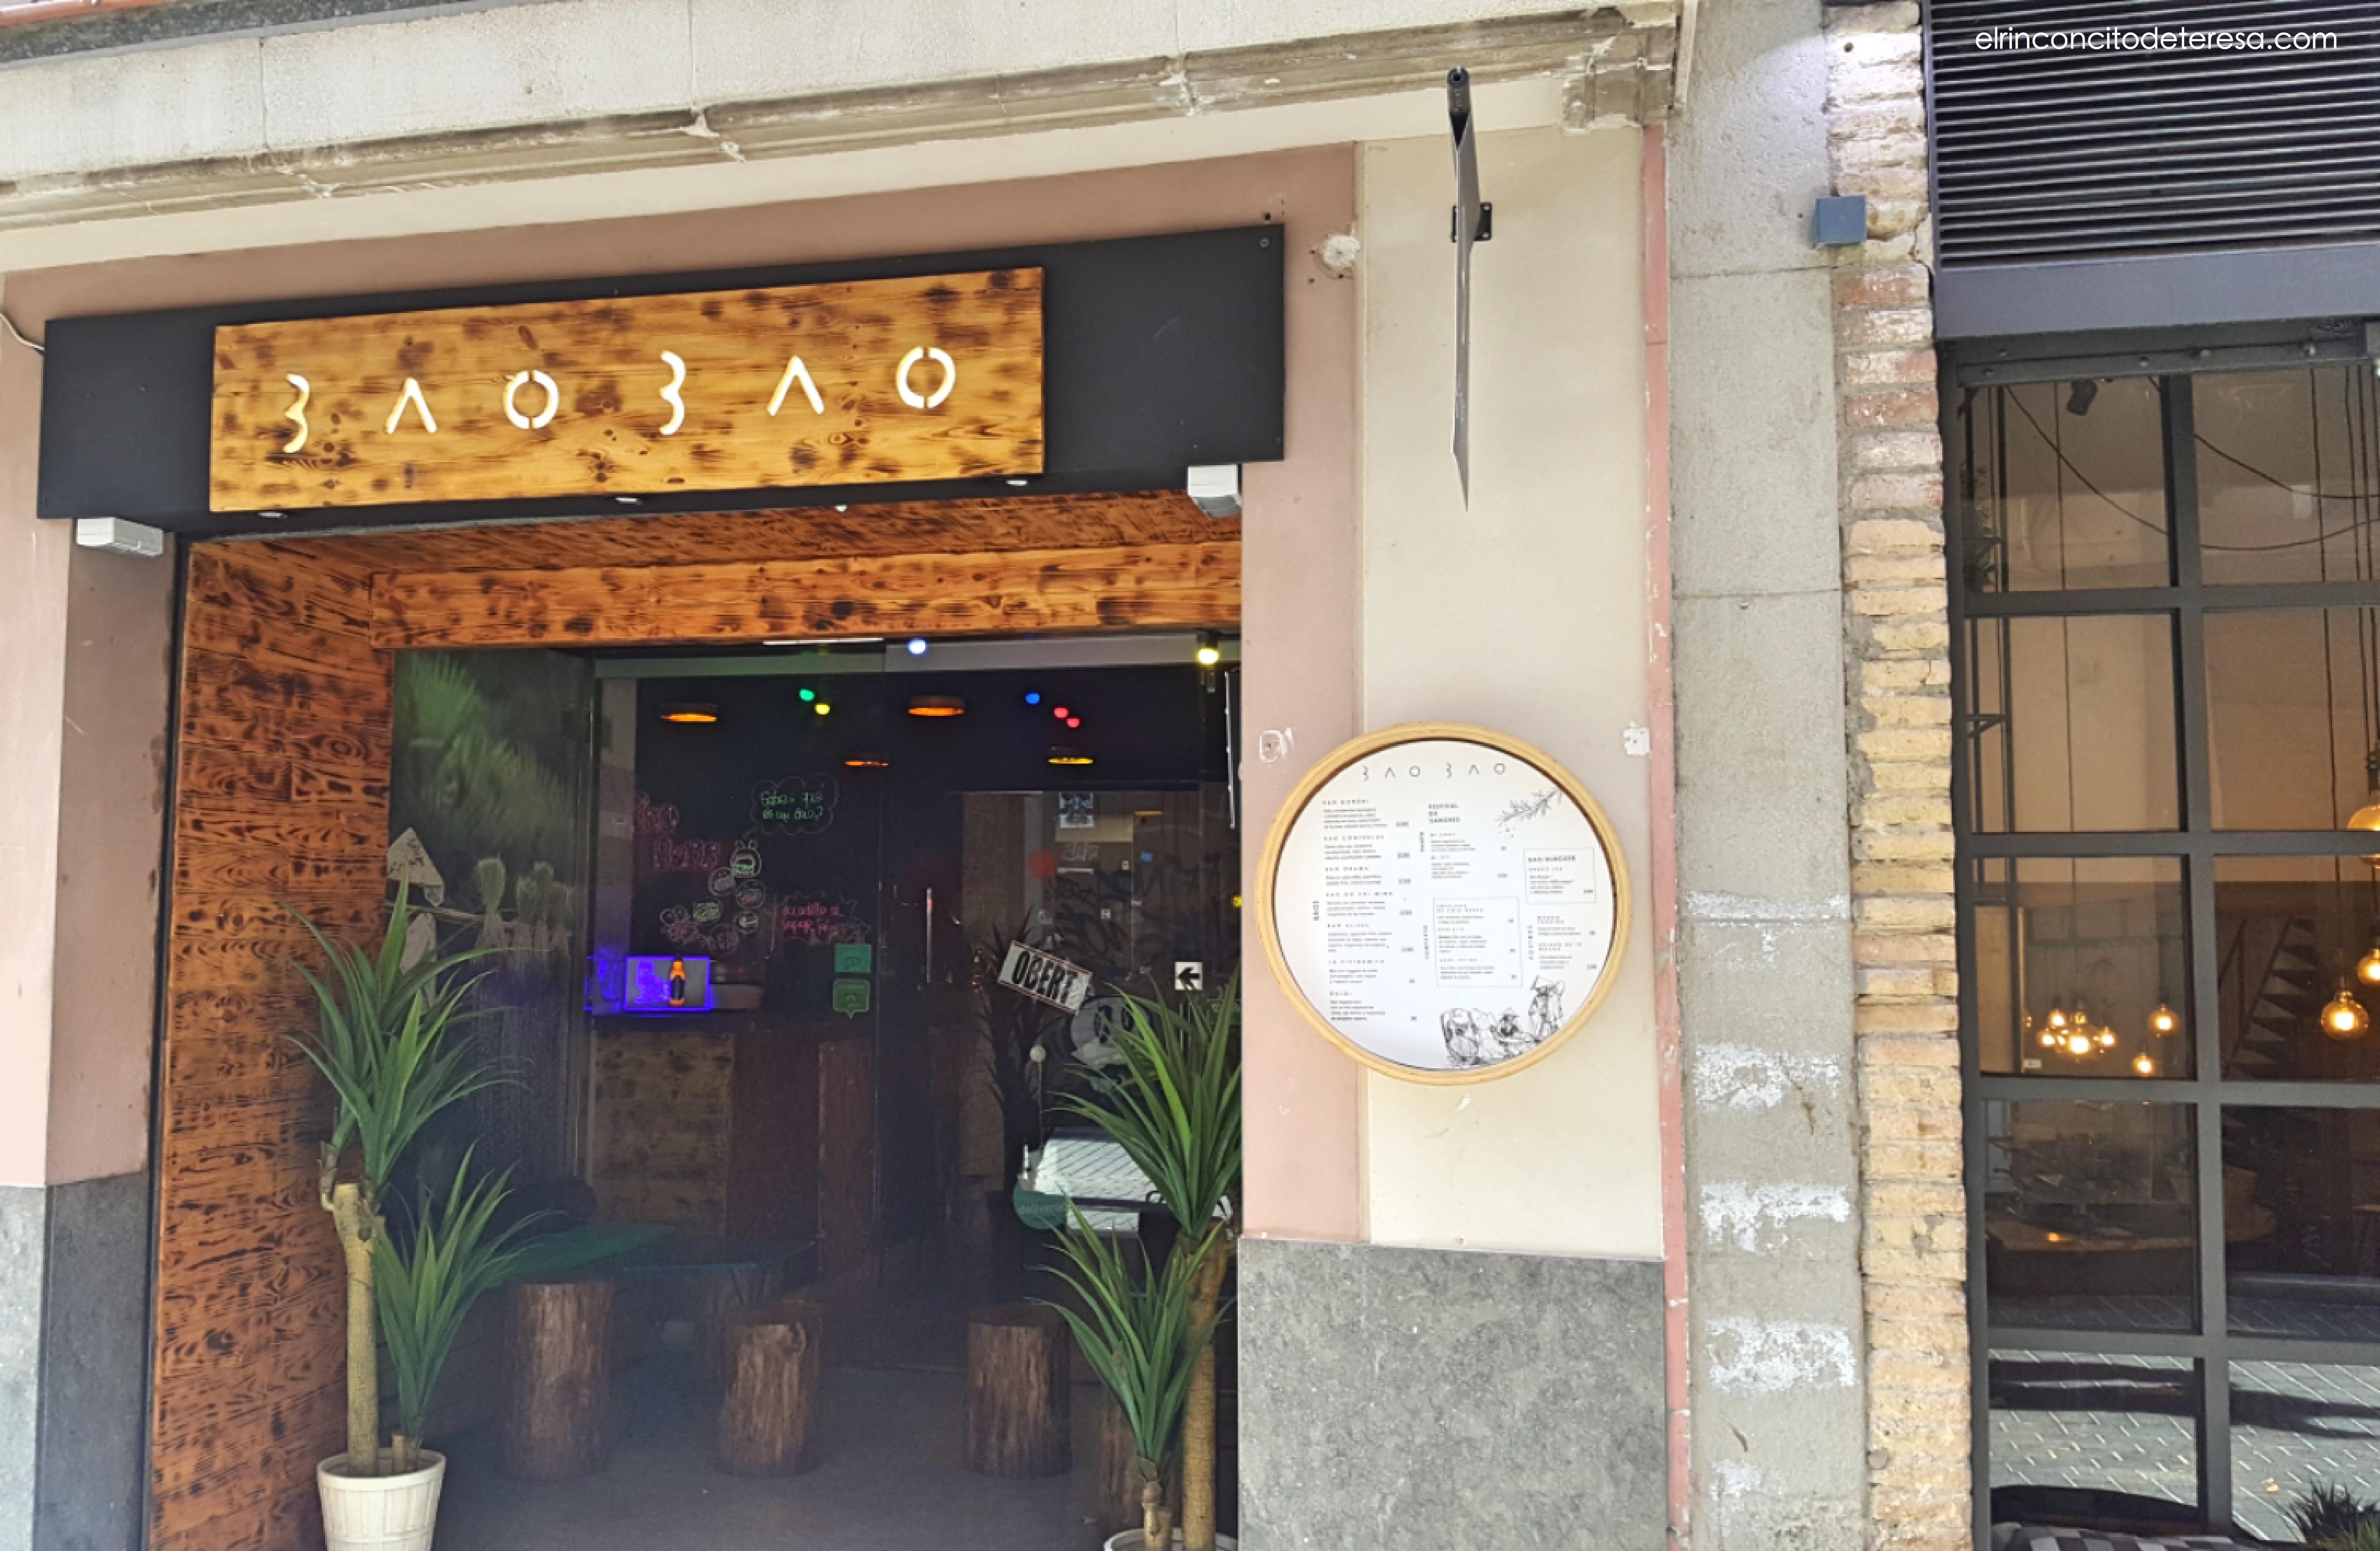 bao-bao-entrada